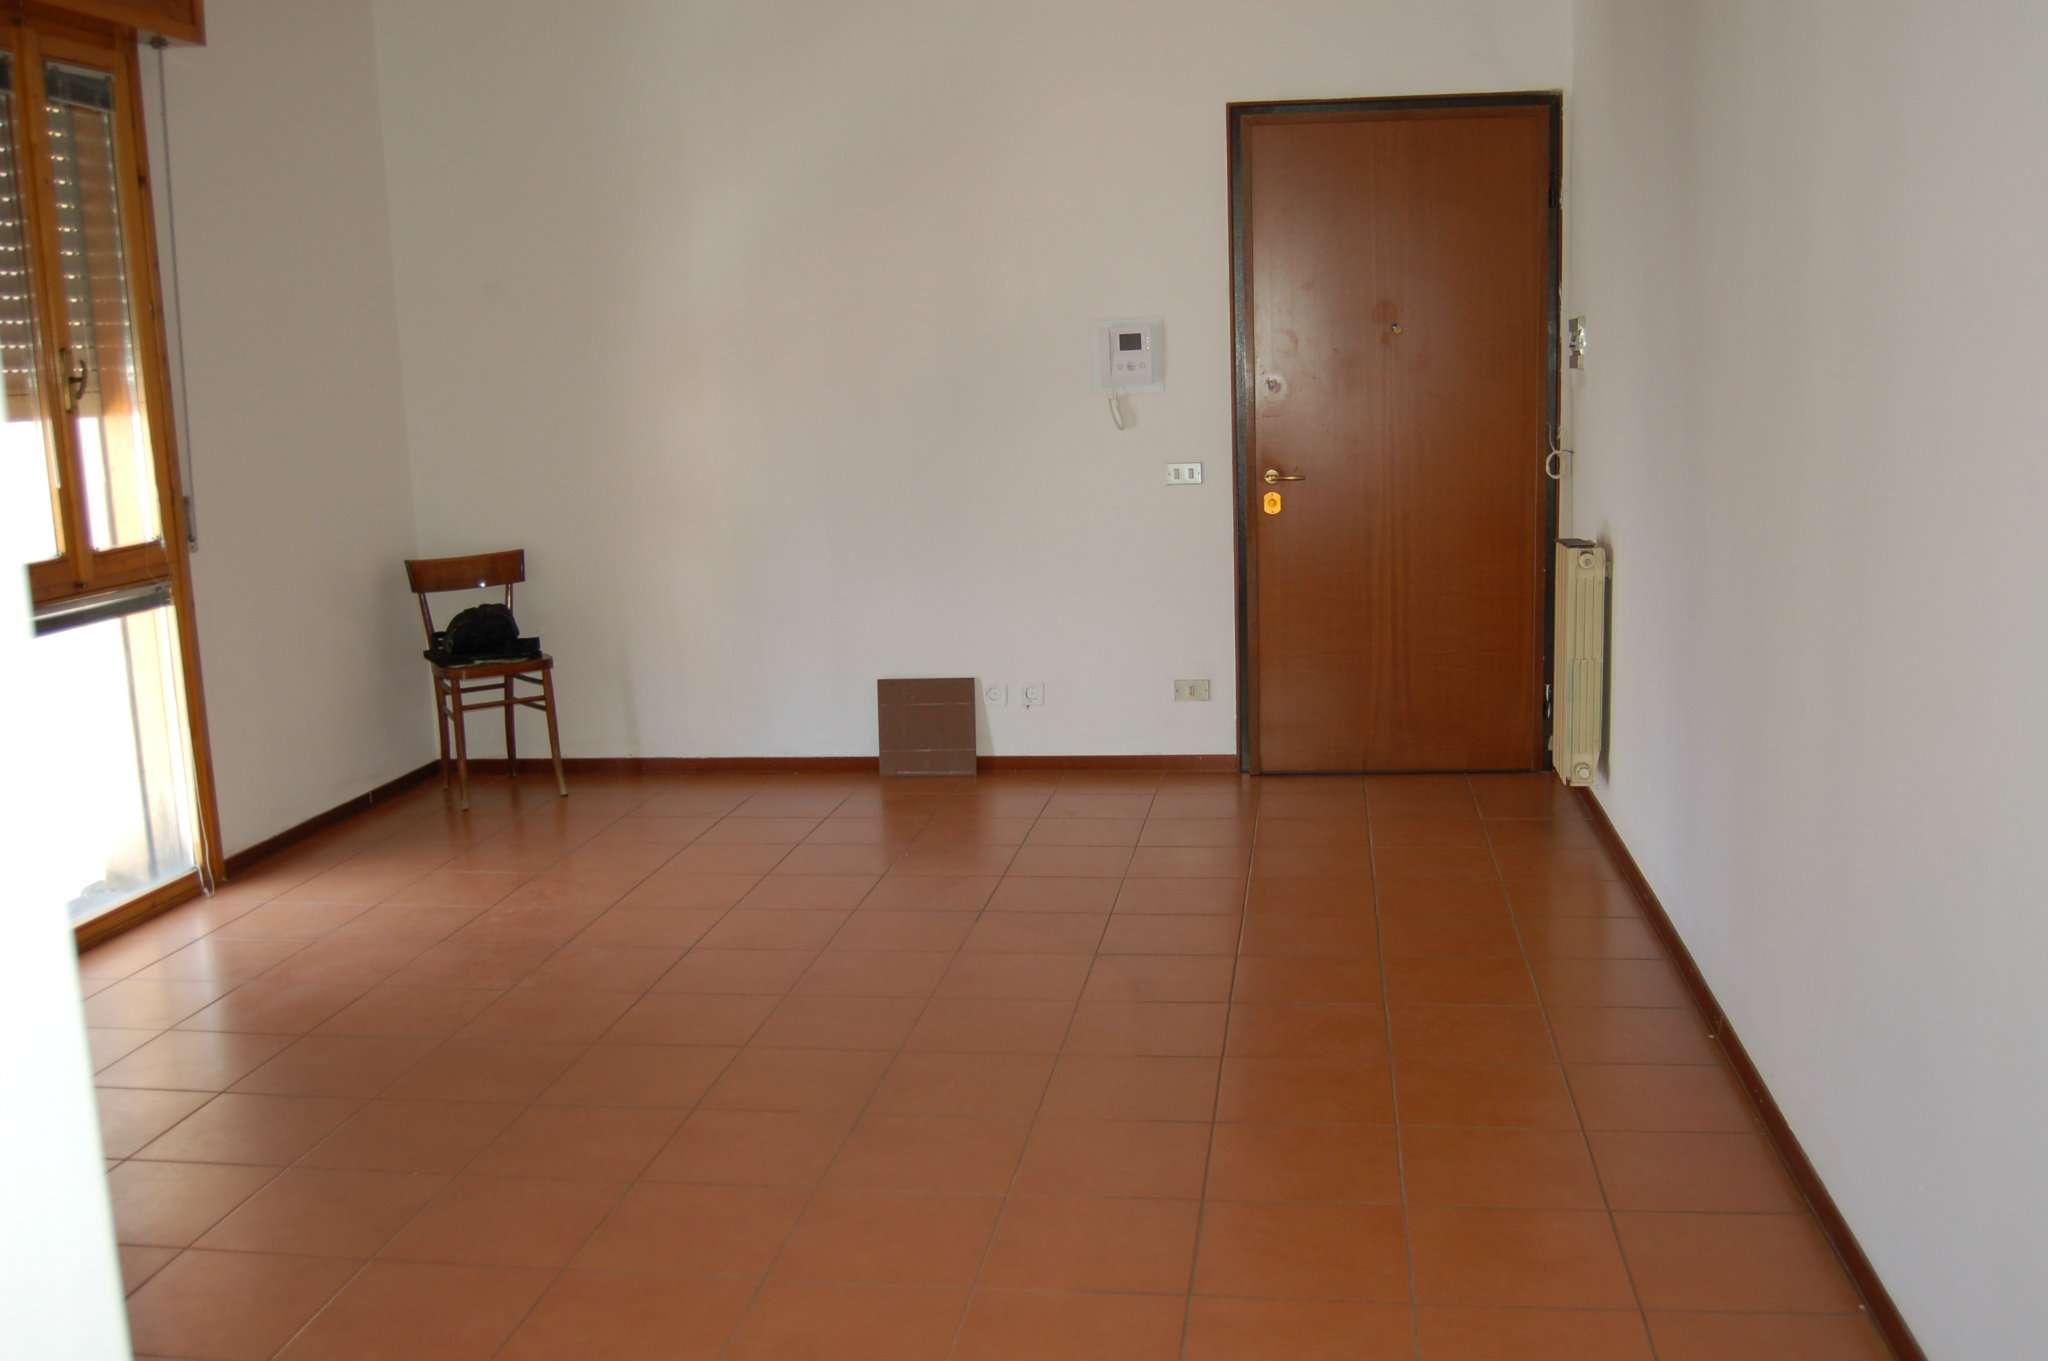 Appartamento in vendita a Quattro Castella, 3 locali, prezzo € 80.000   CambioCasa.it